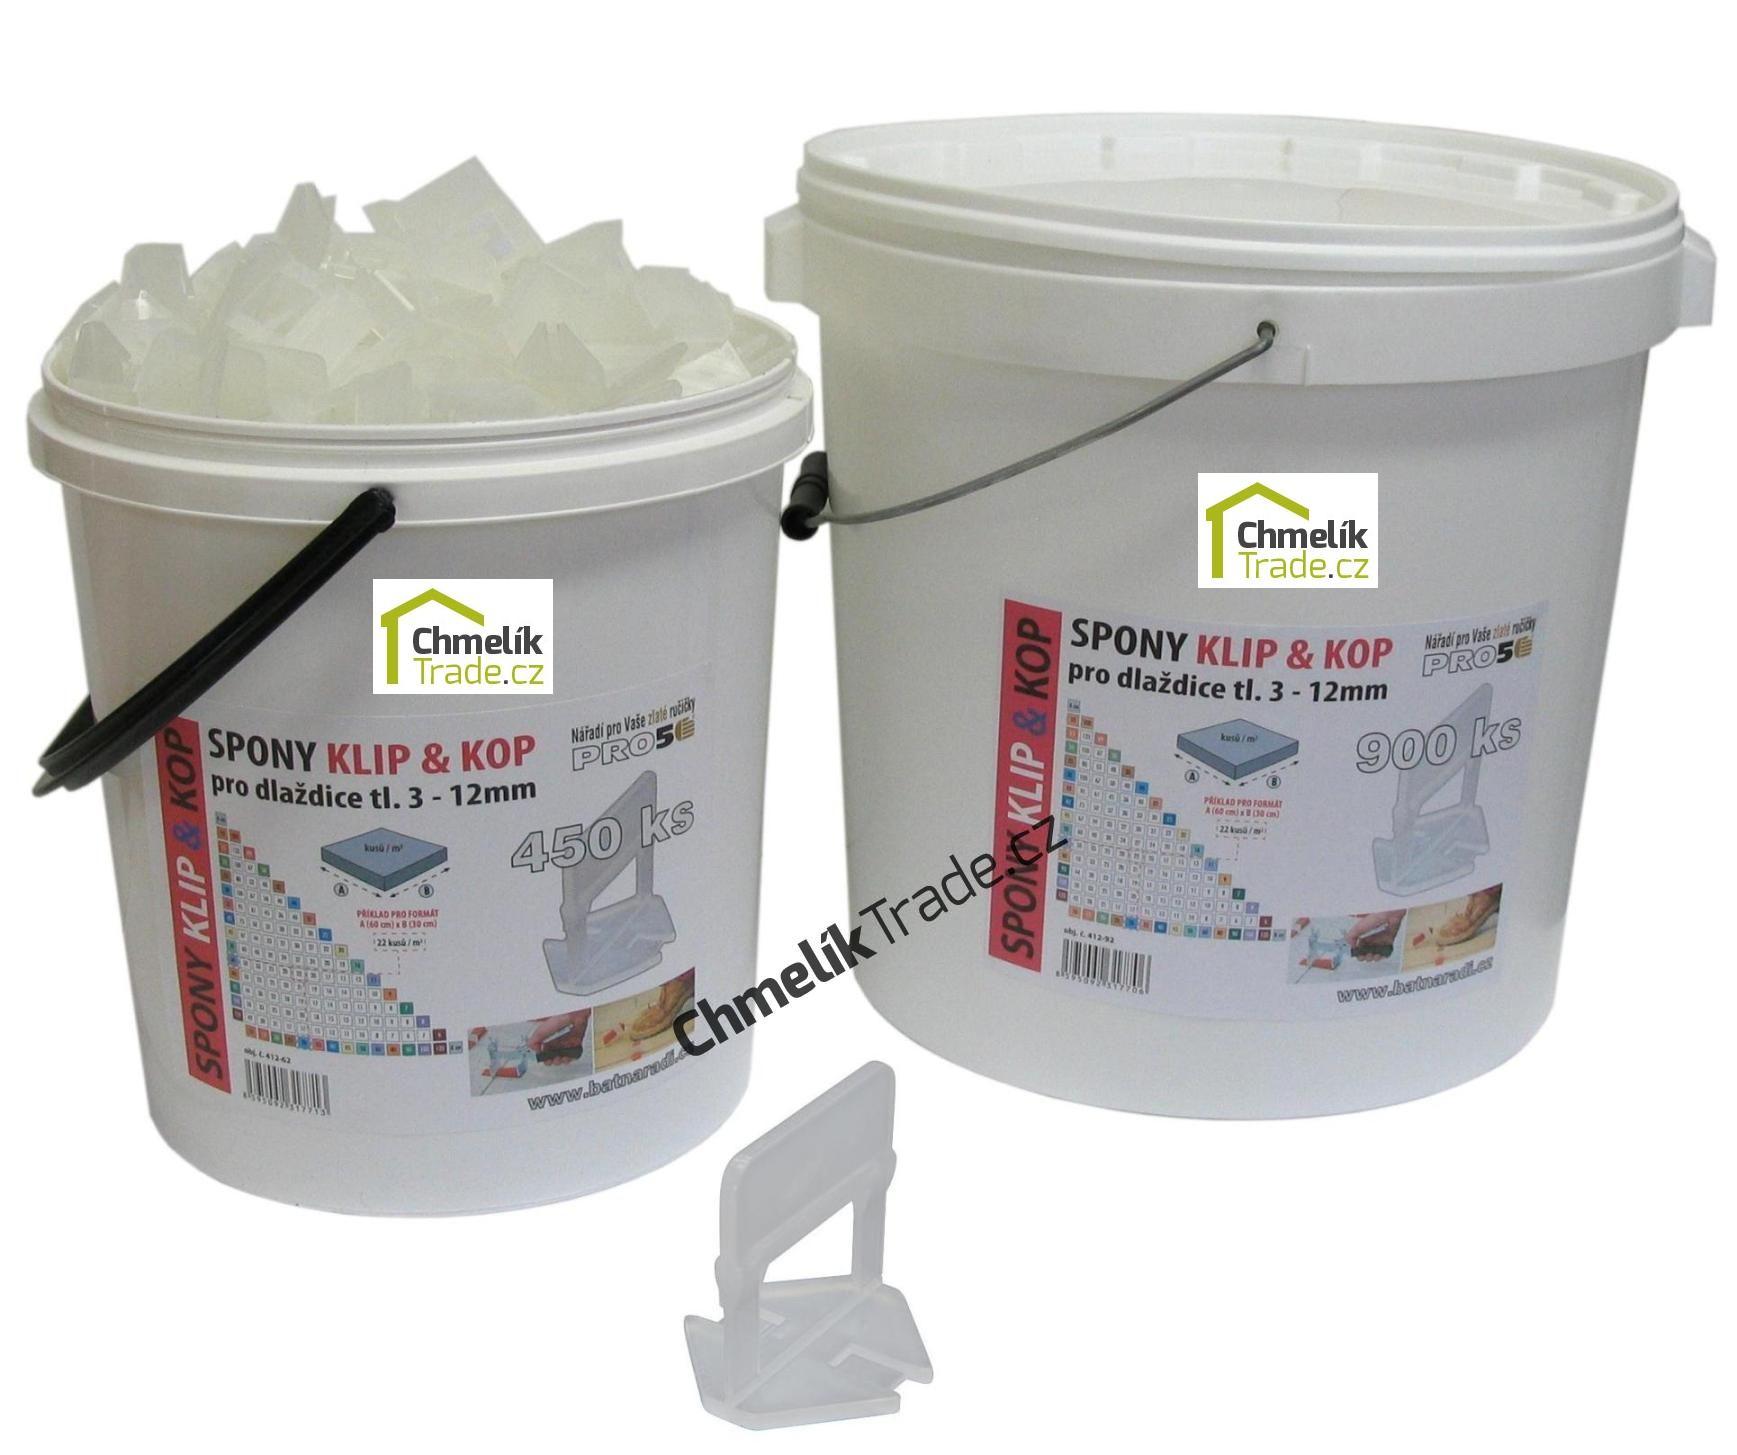 Spona KLIP & KOP pro tl. 3-12 mm (900ks/bal) v plastovém kbelíku (Spona KLIP & KOP pro dlaždice tloušťky 3-12 mm.)